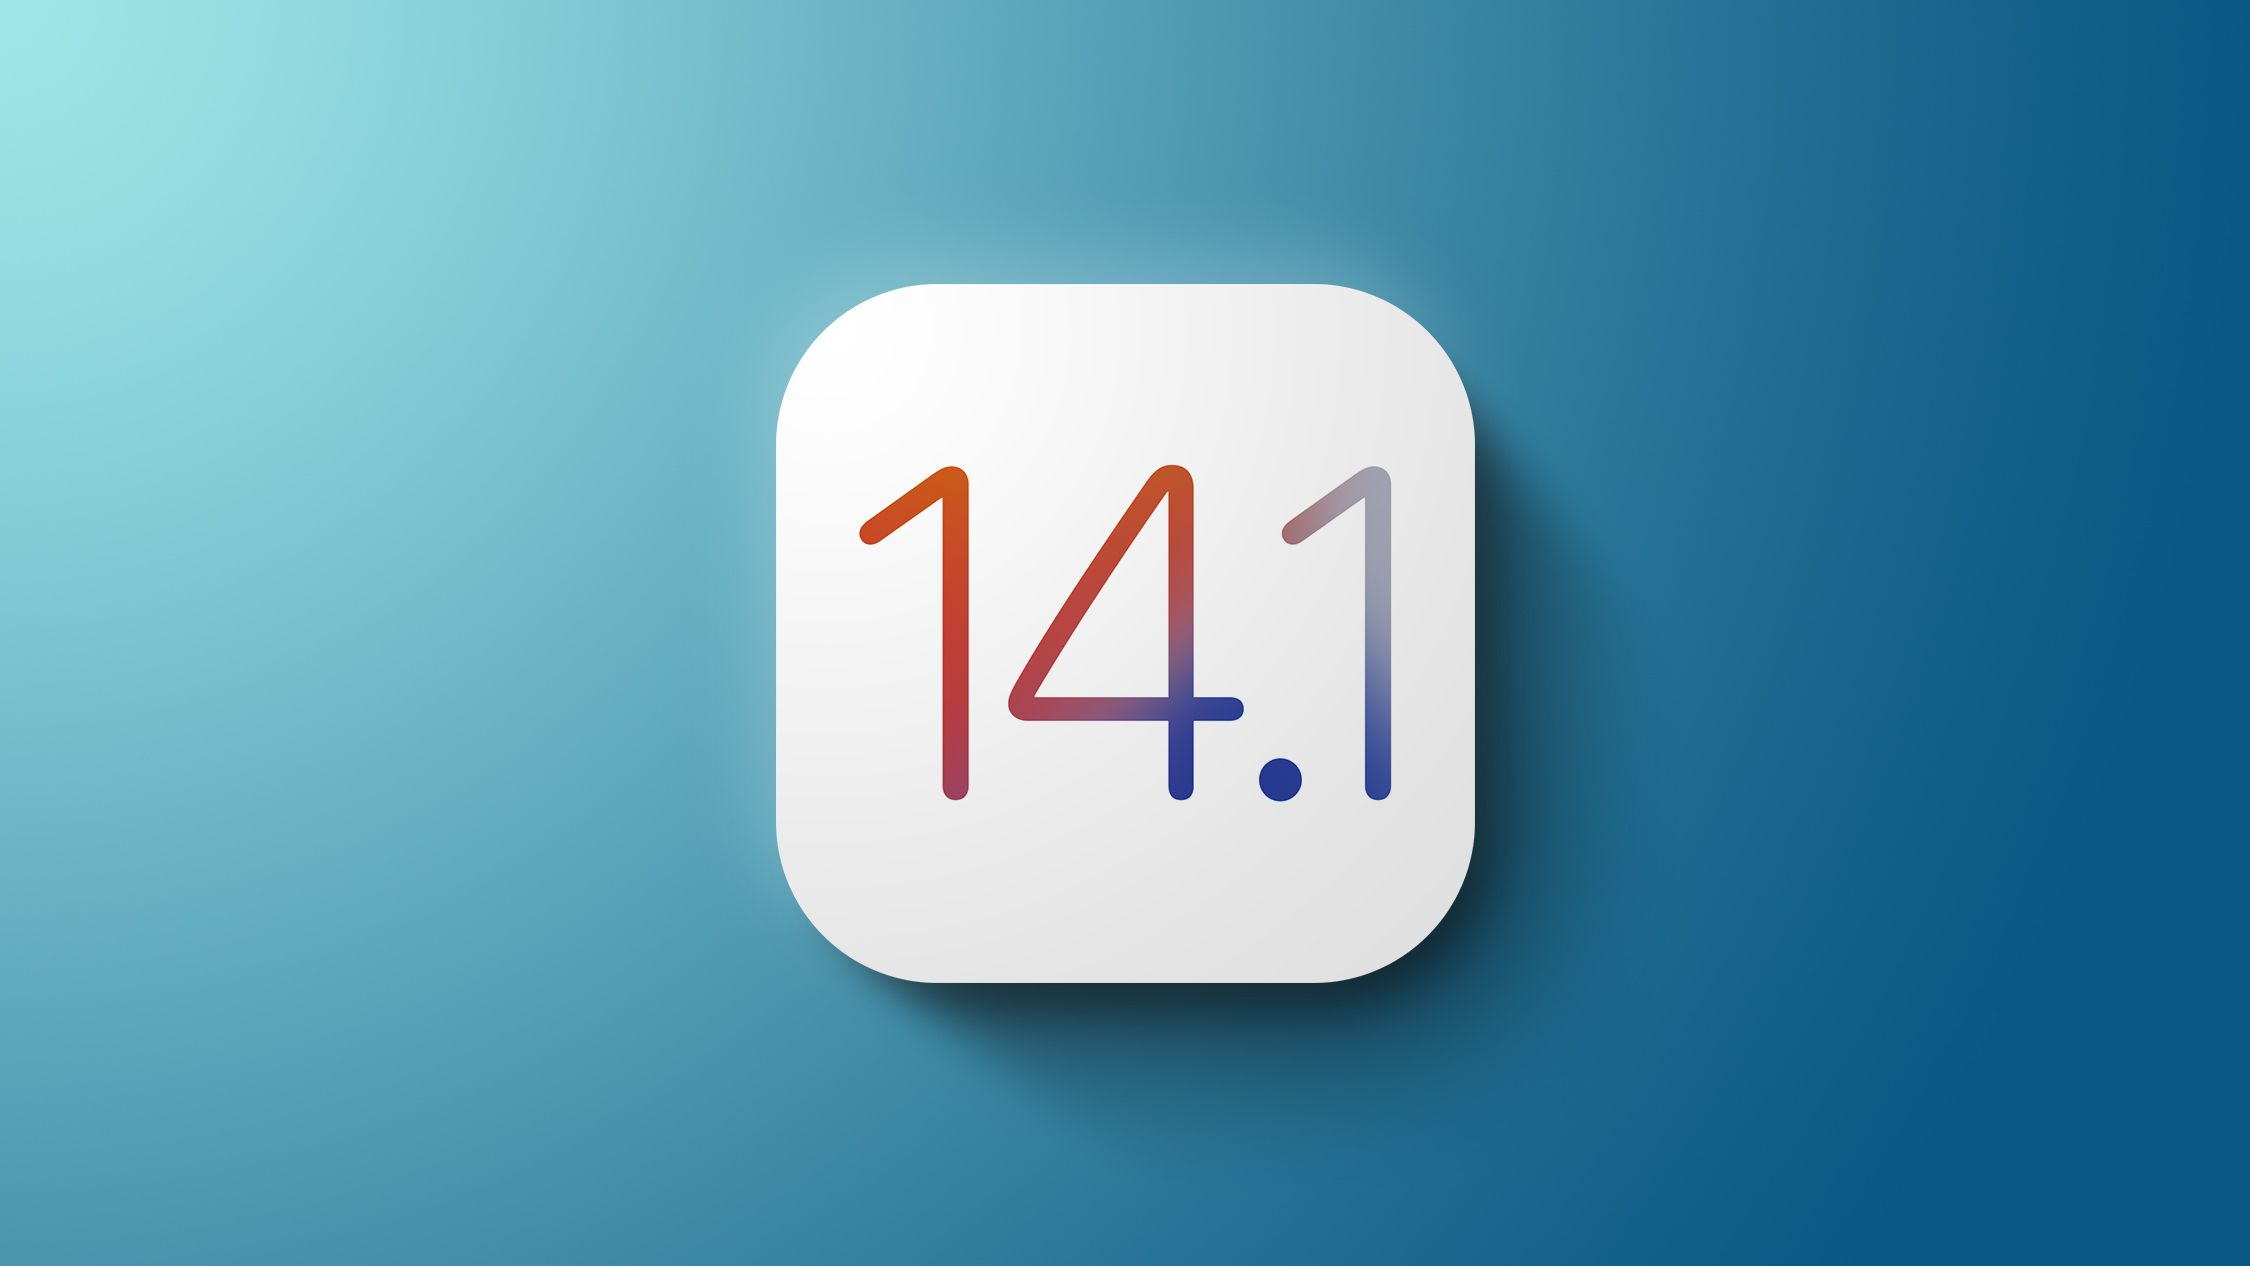 Megérkezett az iOS 14.1 - A letöltés mindenkinek ajánlott